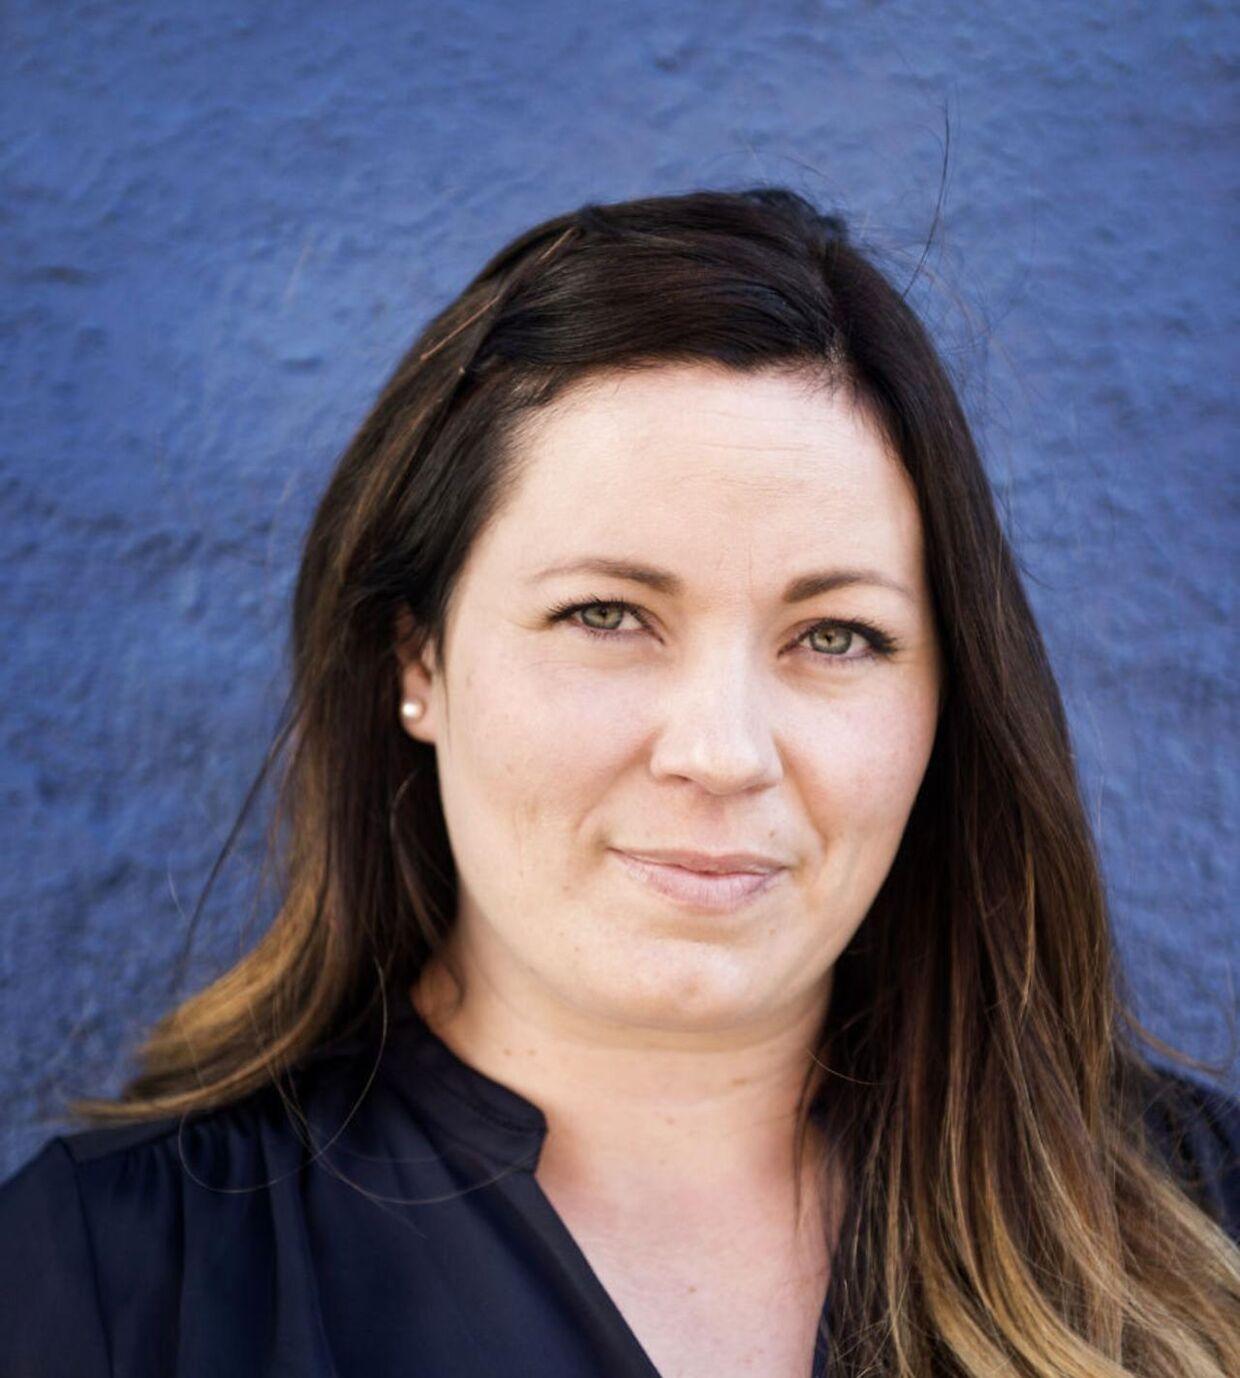 Mia Hinrich, direktør og vurderingsekspert hos Nyfortuna - Danmarks eneste pantelåner